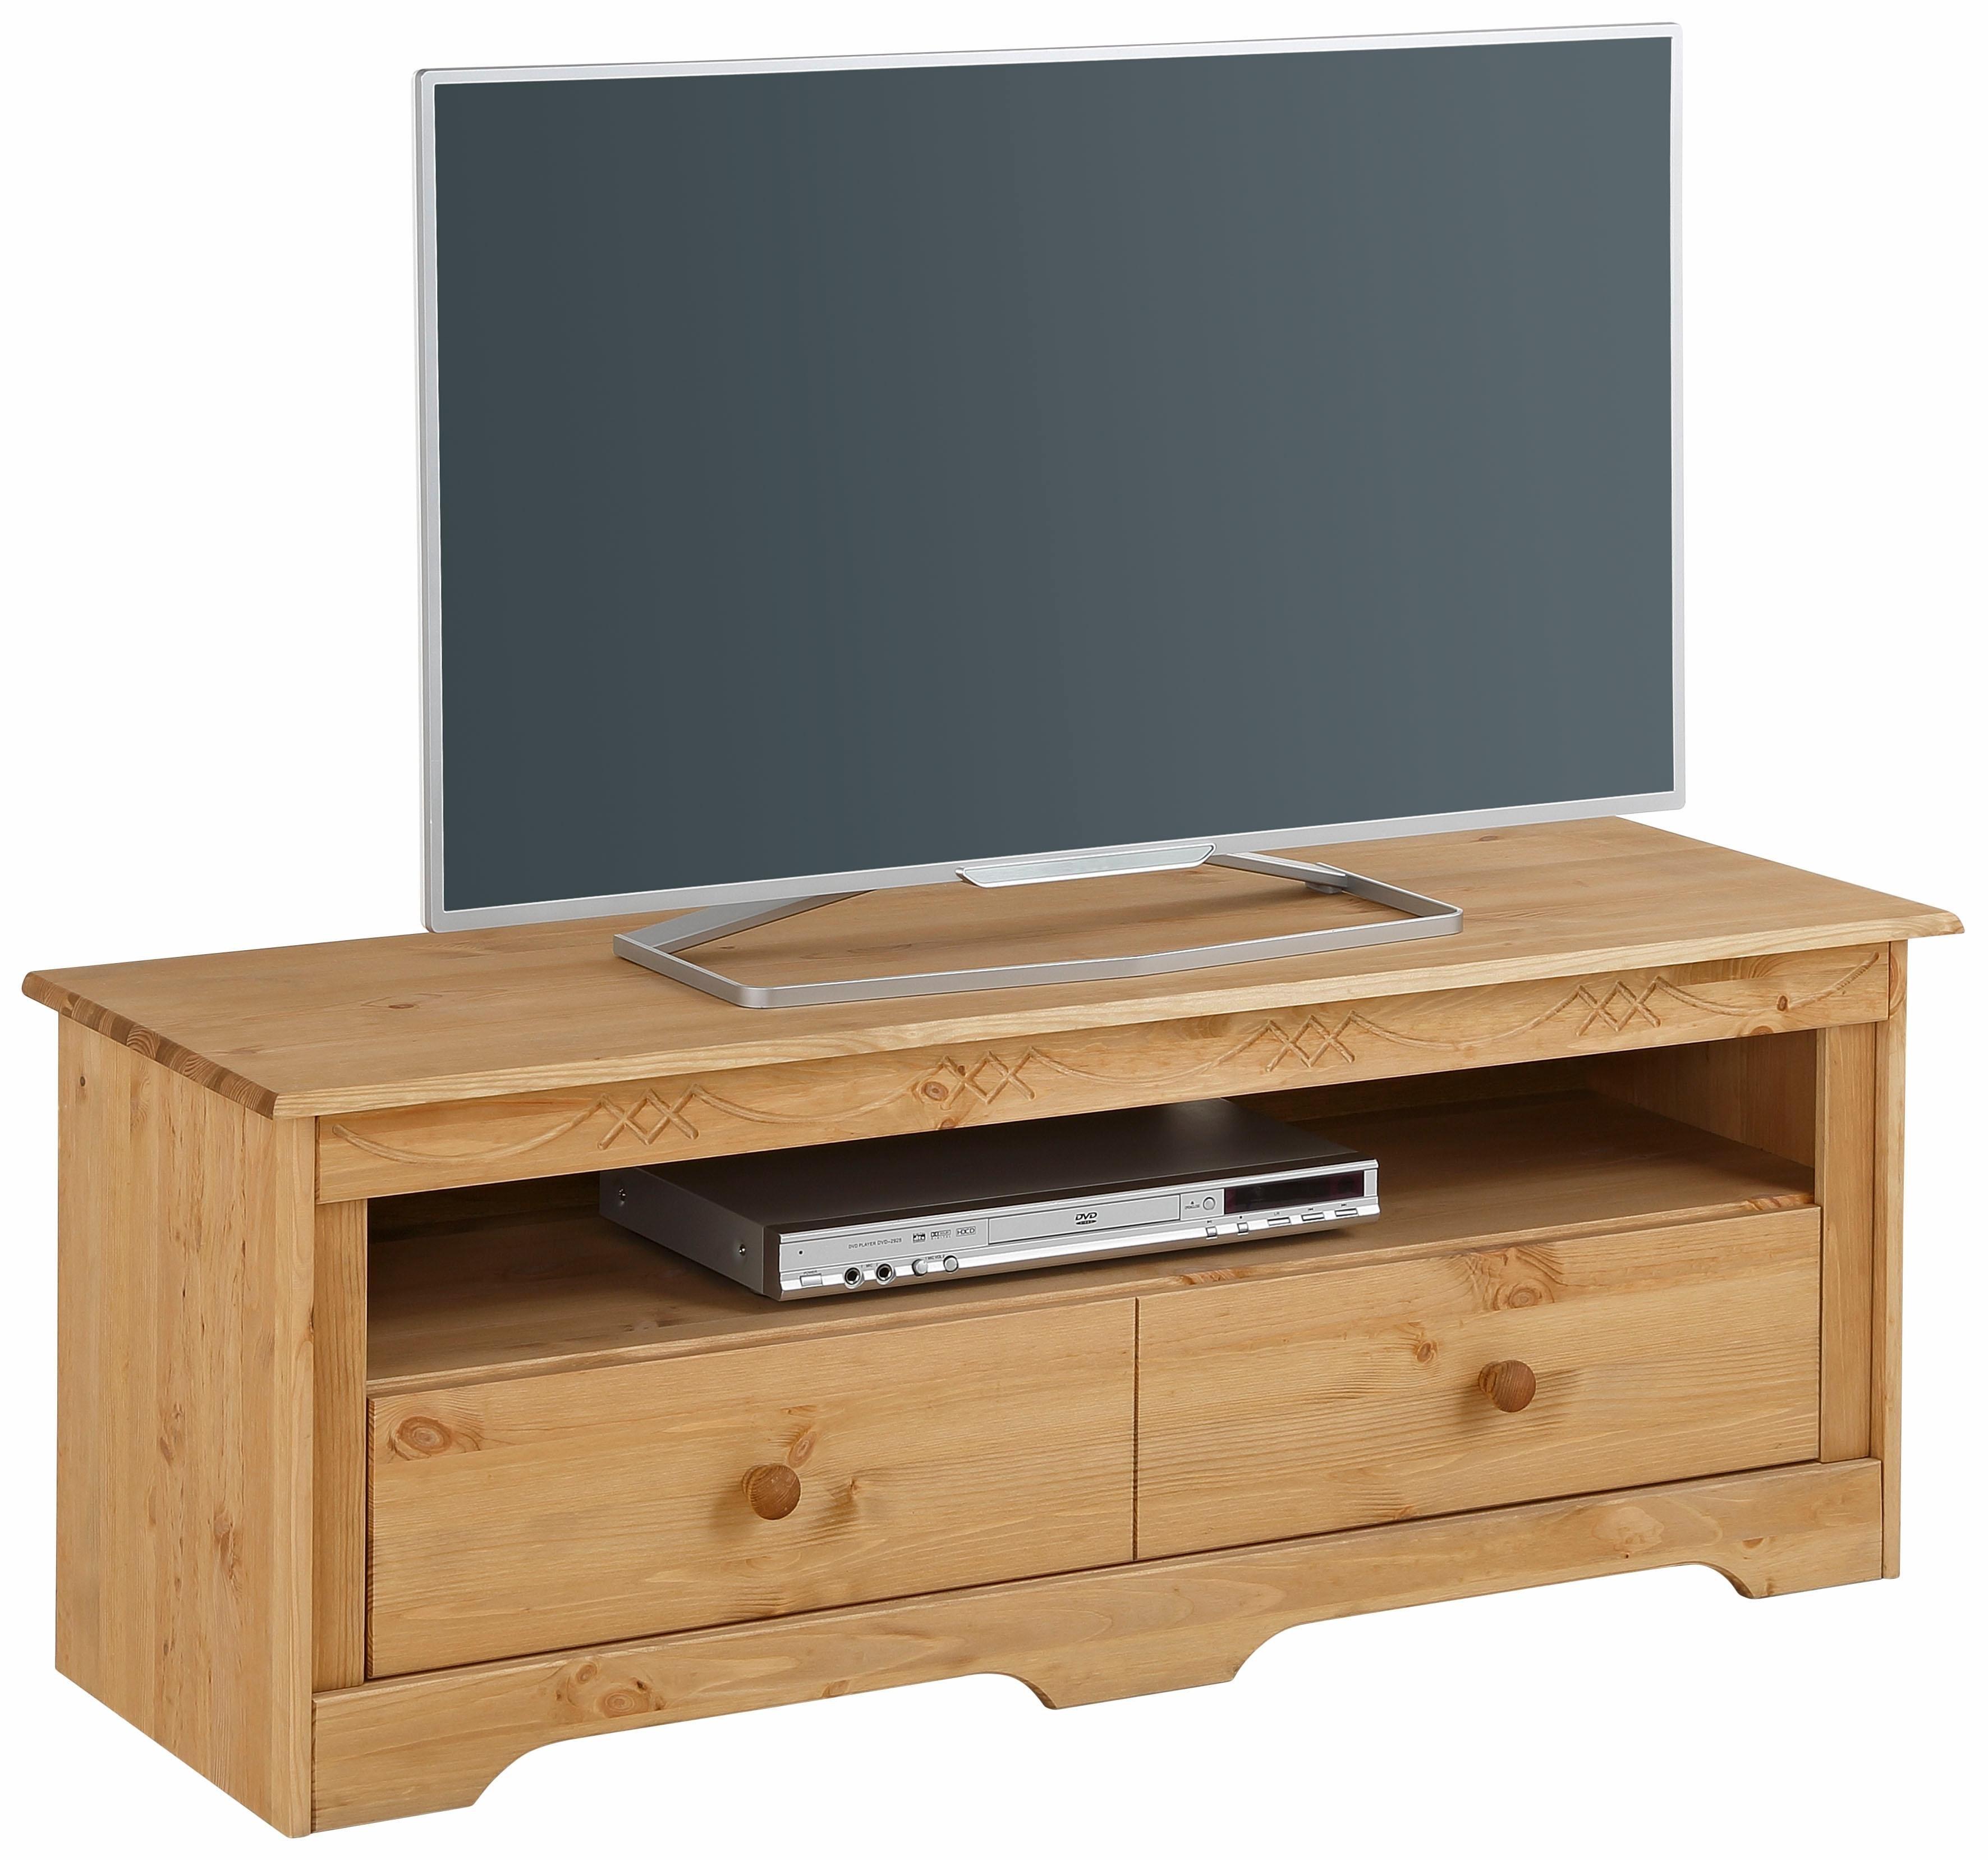 Home affaire tv-meubel »Sofia« voordelig en veilig online kopen